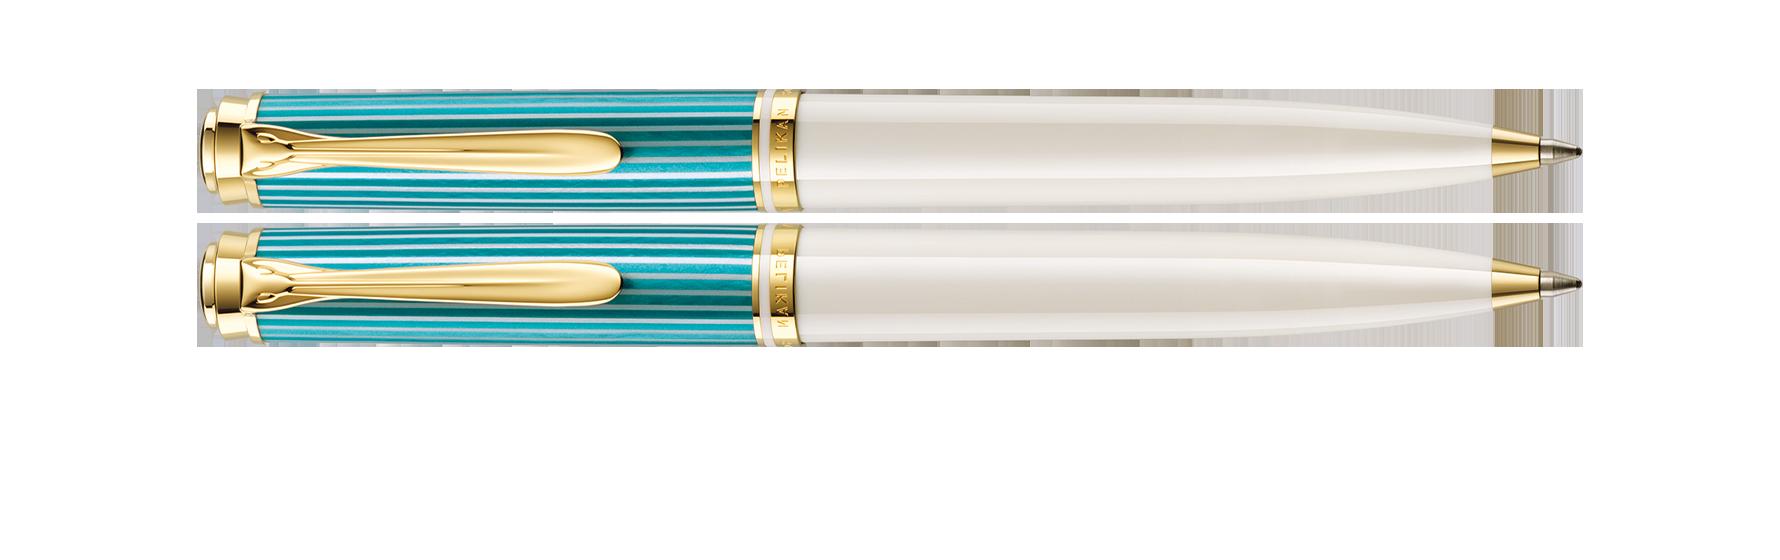 ペリカン スーベレーン 600 ターコイズホワイト ボールペン